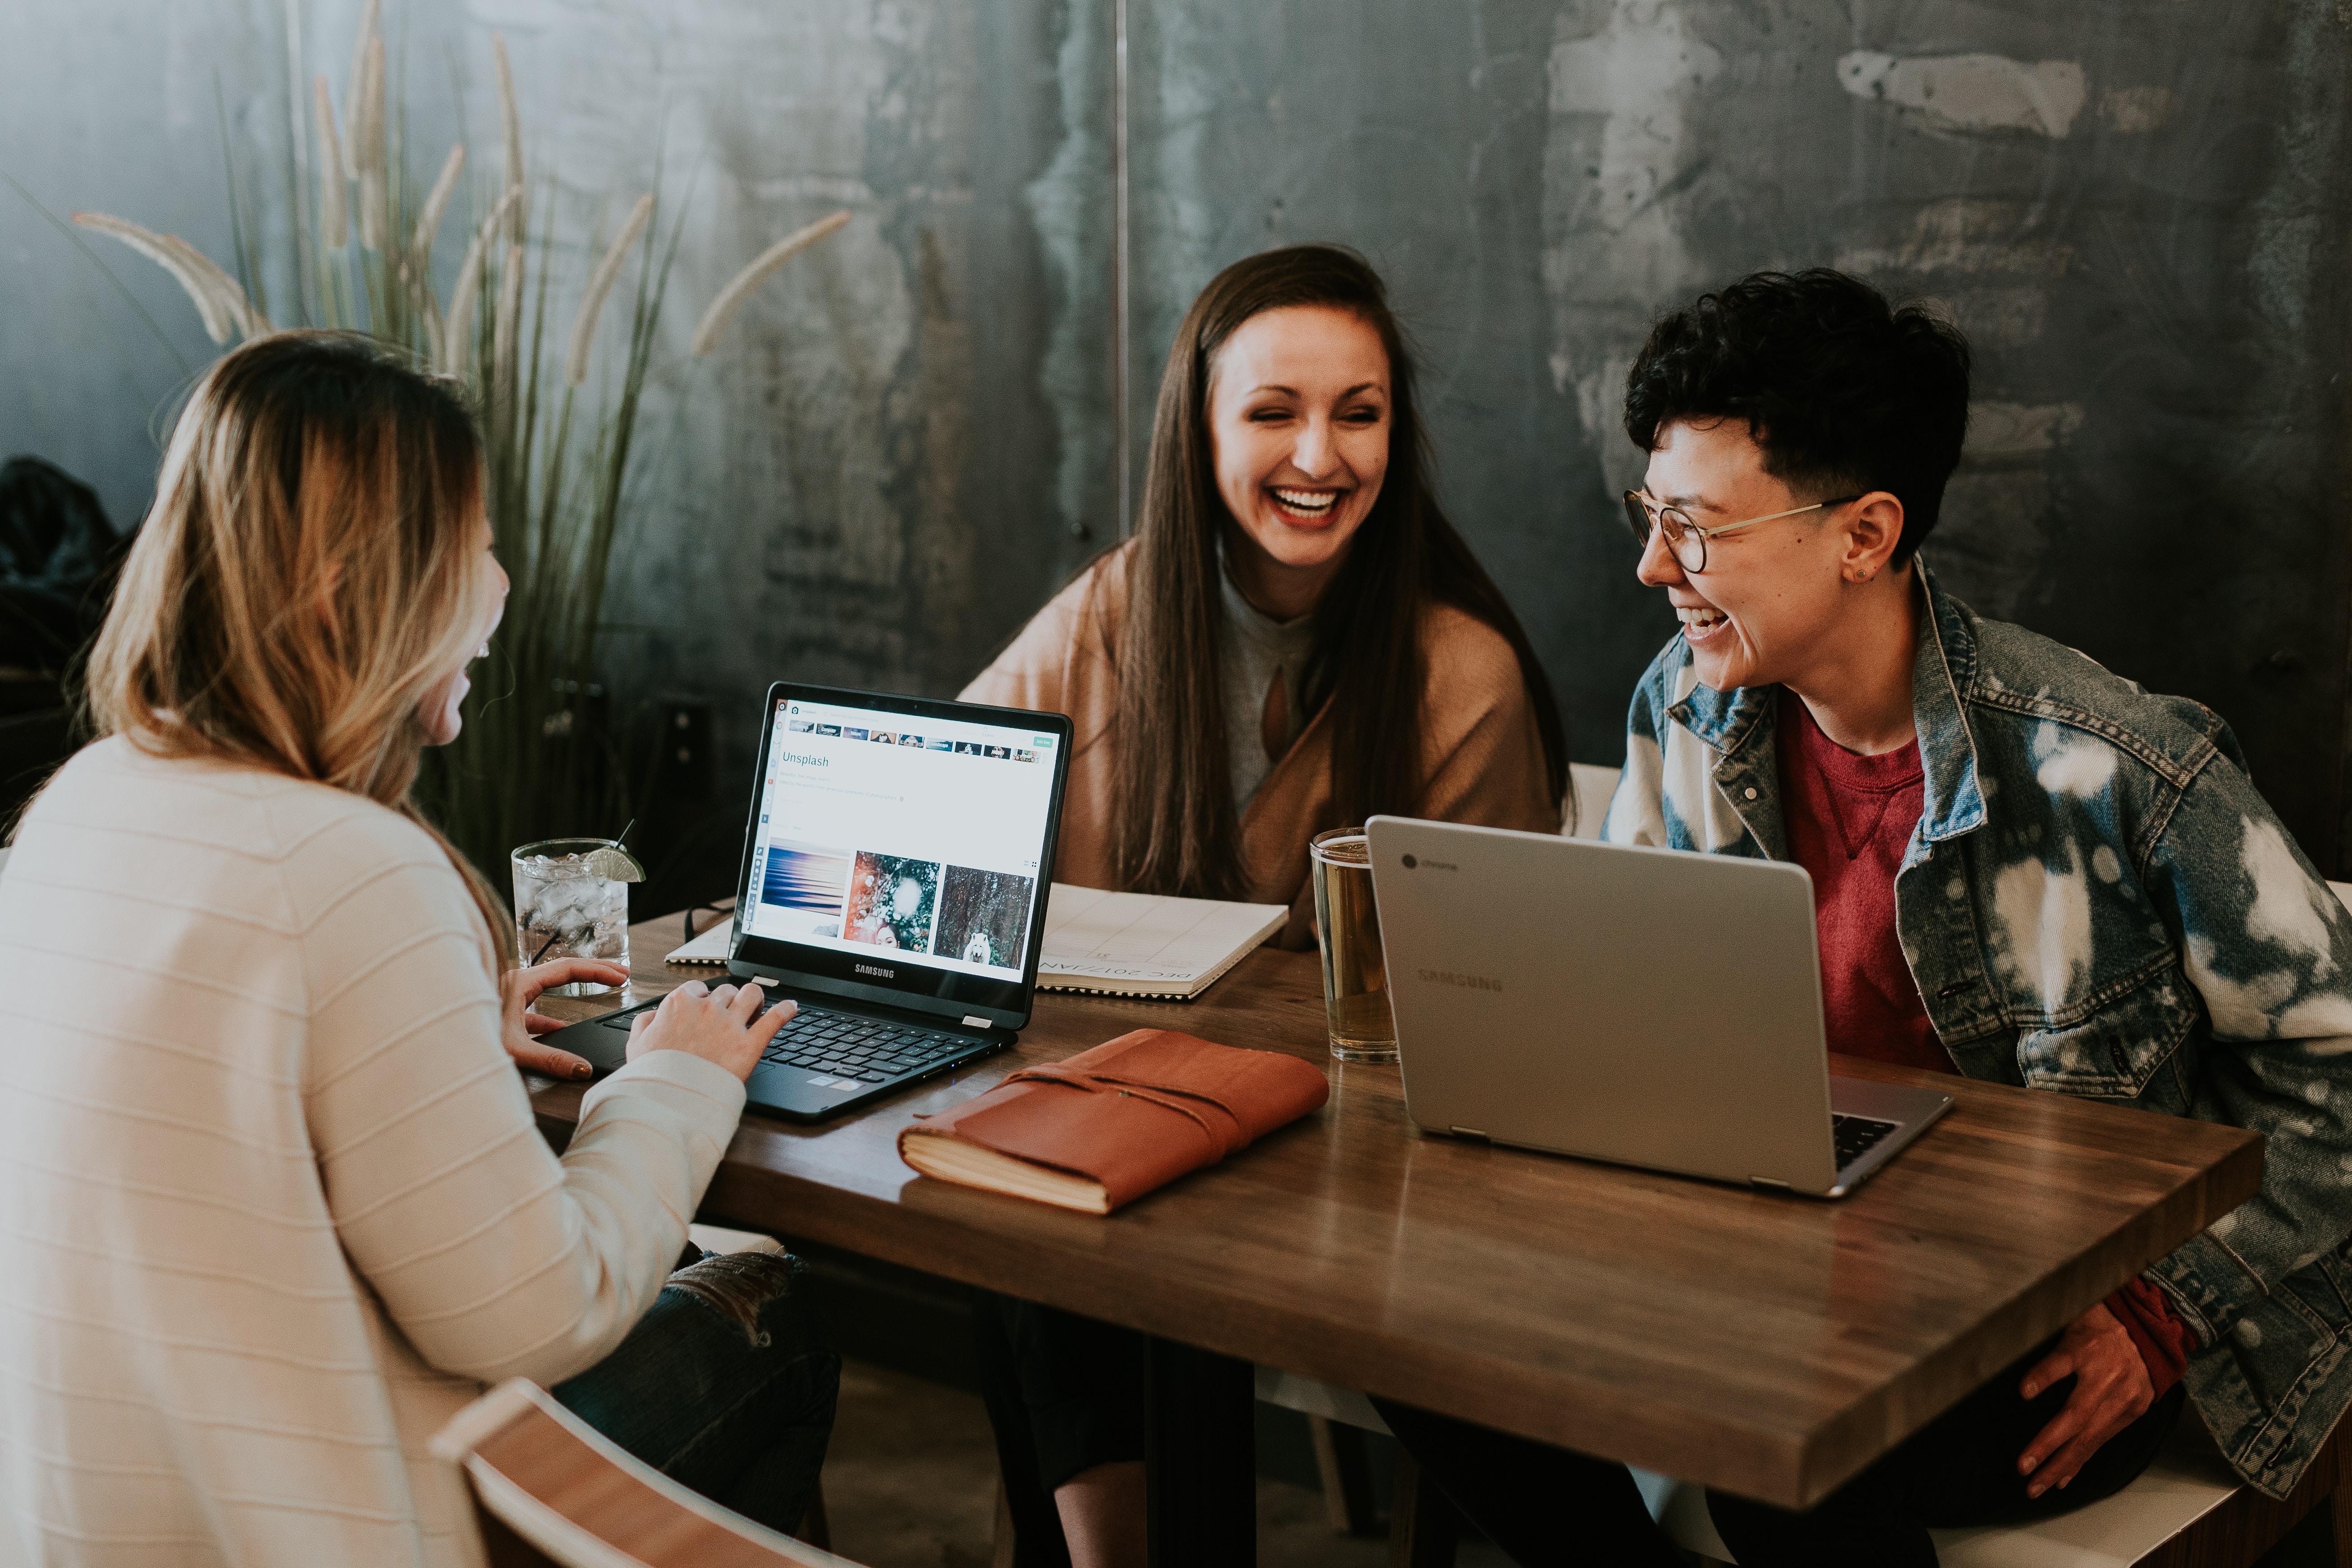 Comment manager les collaborateurs ingérables ? 1